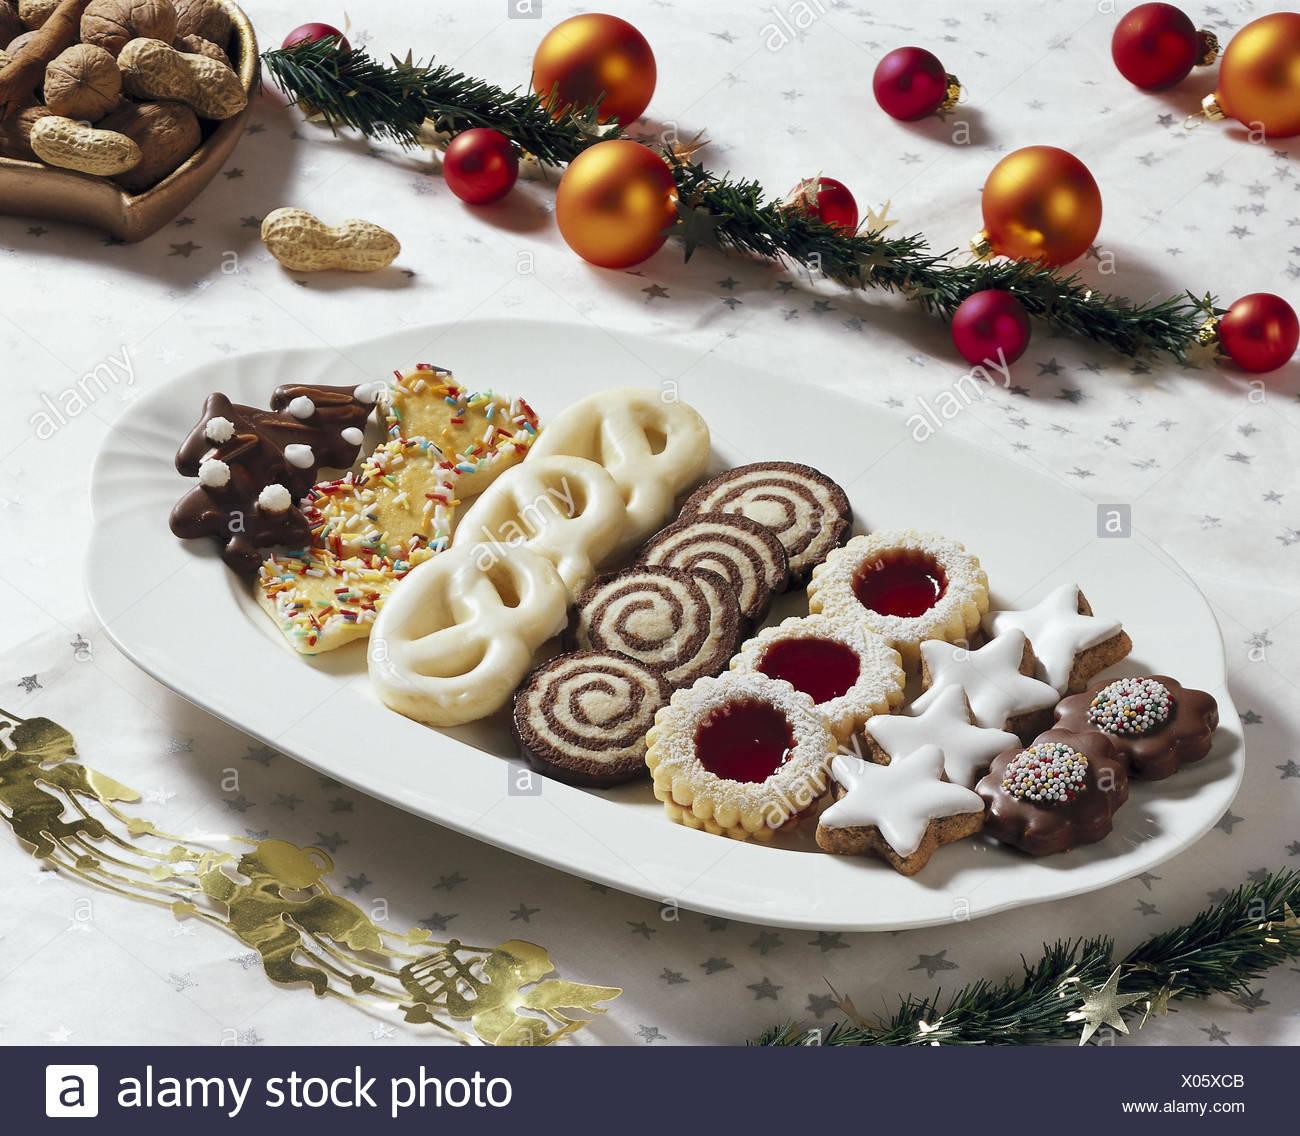 Weihnachten Tisch Schmuckt Platte Weihnachtskuchen Biskuit Yule